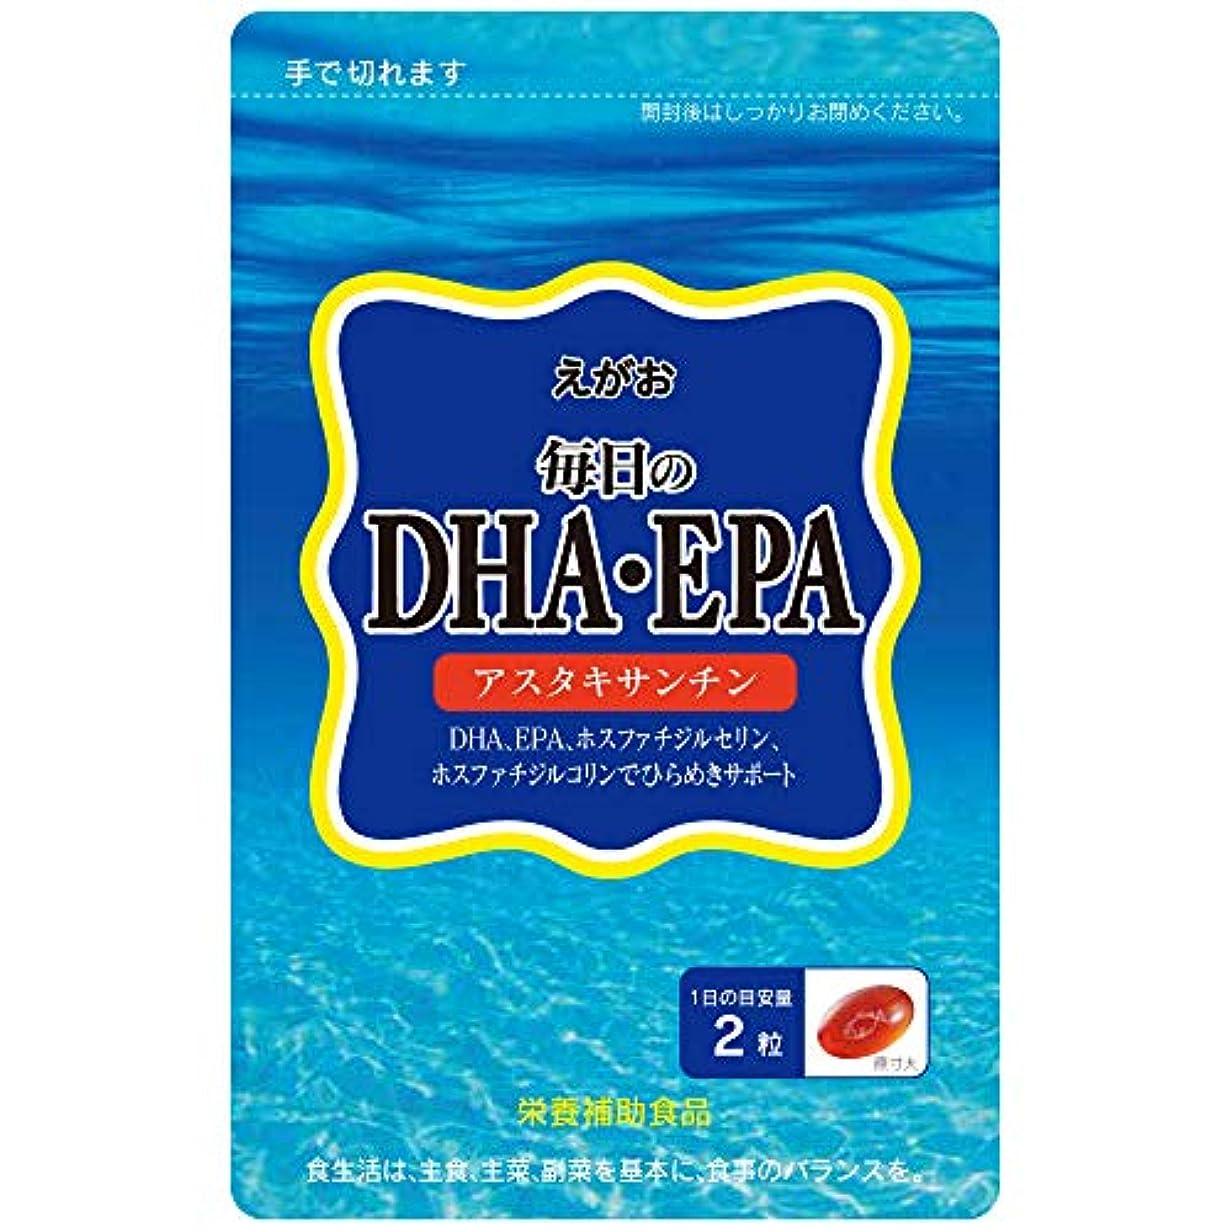 アナリスト期限切れ黒くするえがお 毎日の DHA ? EPA 【1袋】(1袋/62粒入り 約1ヵ月分) 栄養補助食品